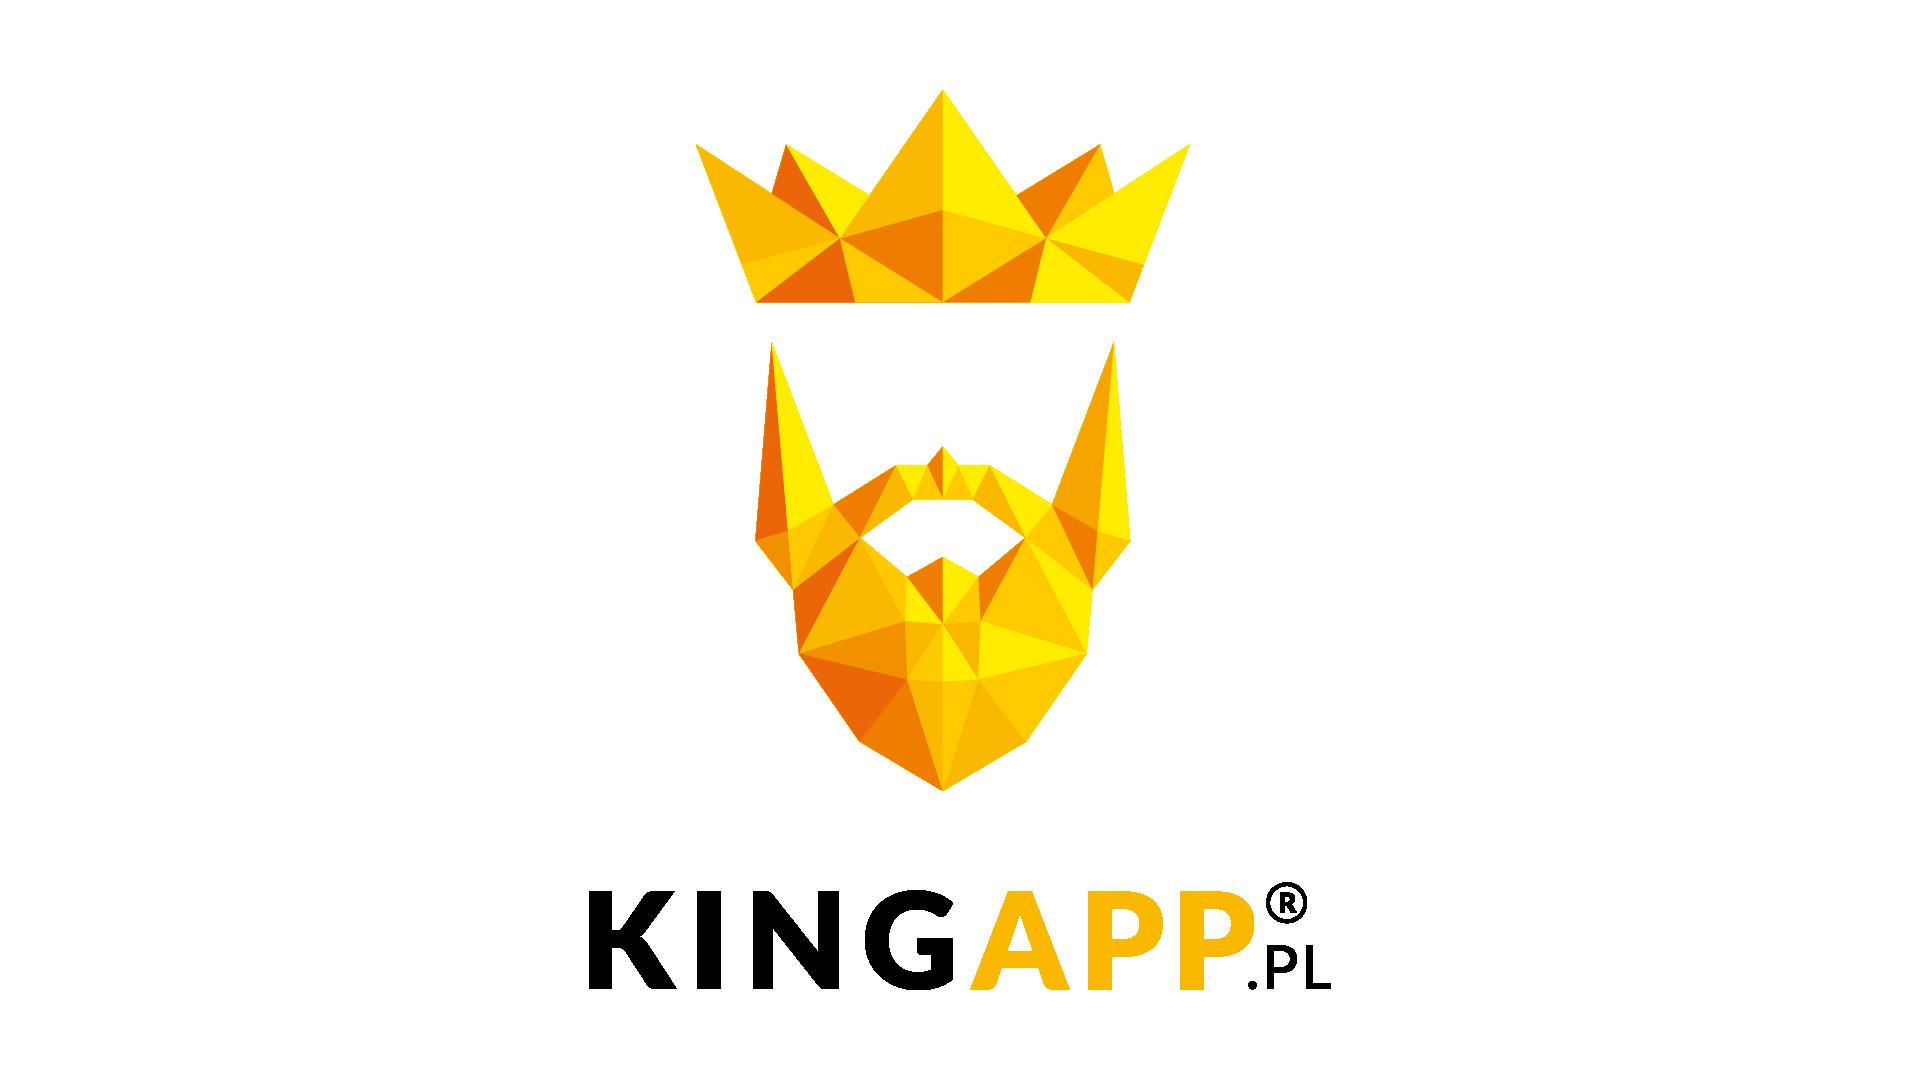 KINGAPP NEW